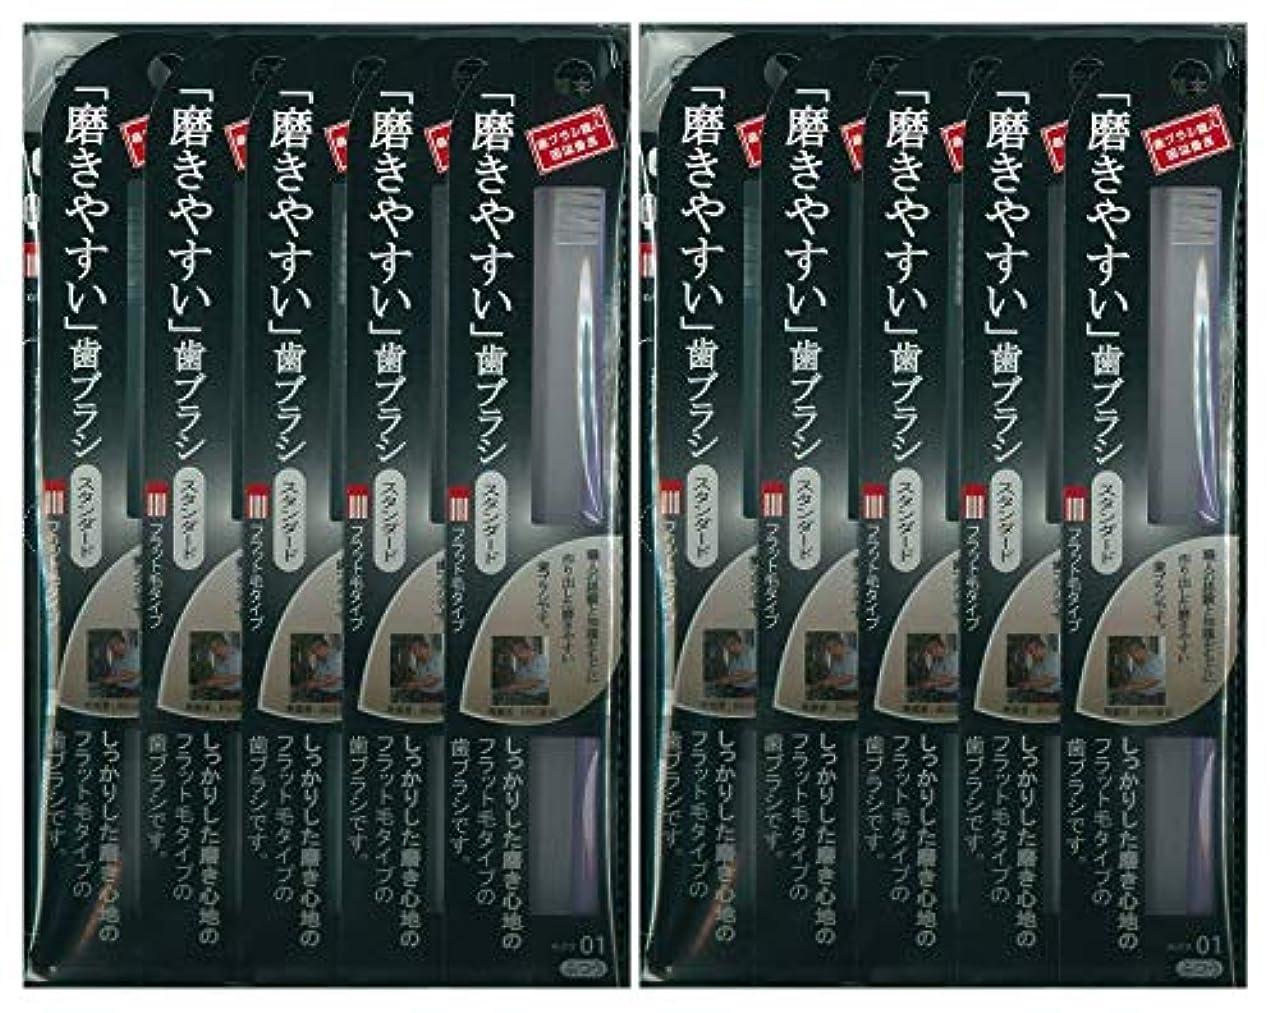 ひまわり電気ポルティコ歯ブラシ職人 田辺重吉考案 磨きやすい歯ブラシ ふつう (フラット) LT-01 1本入×24本セット